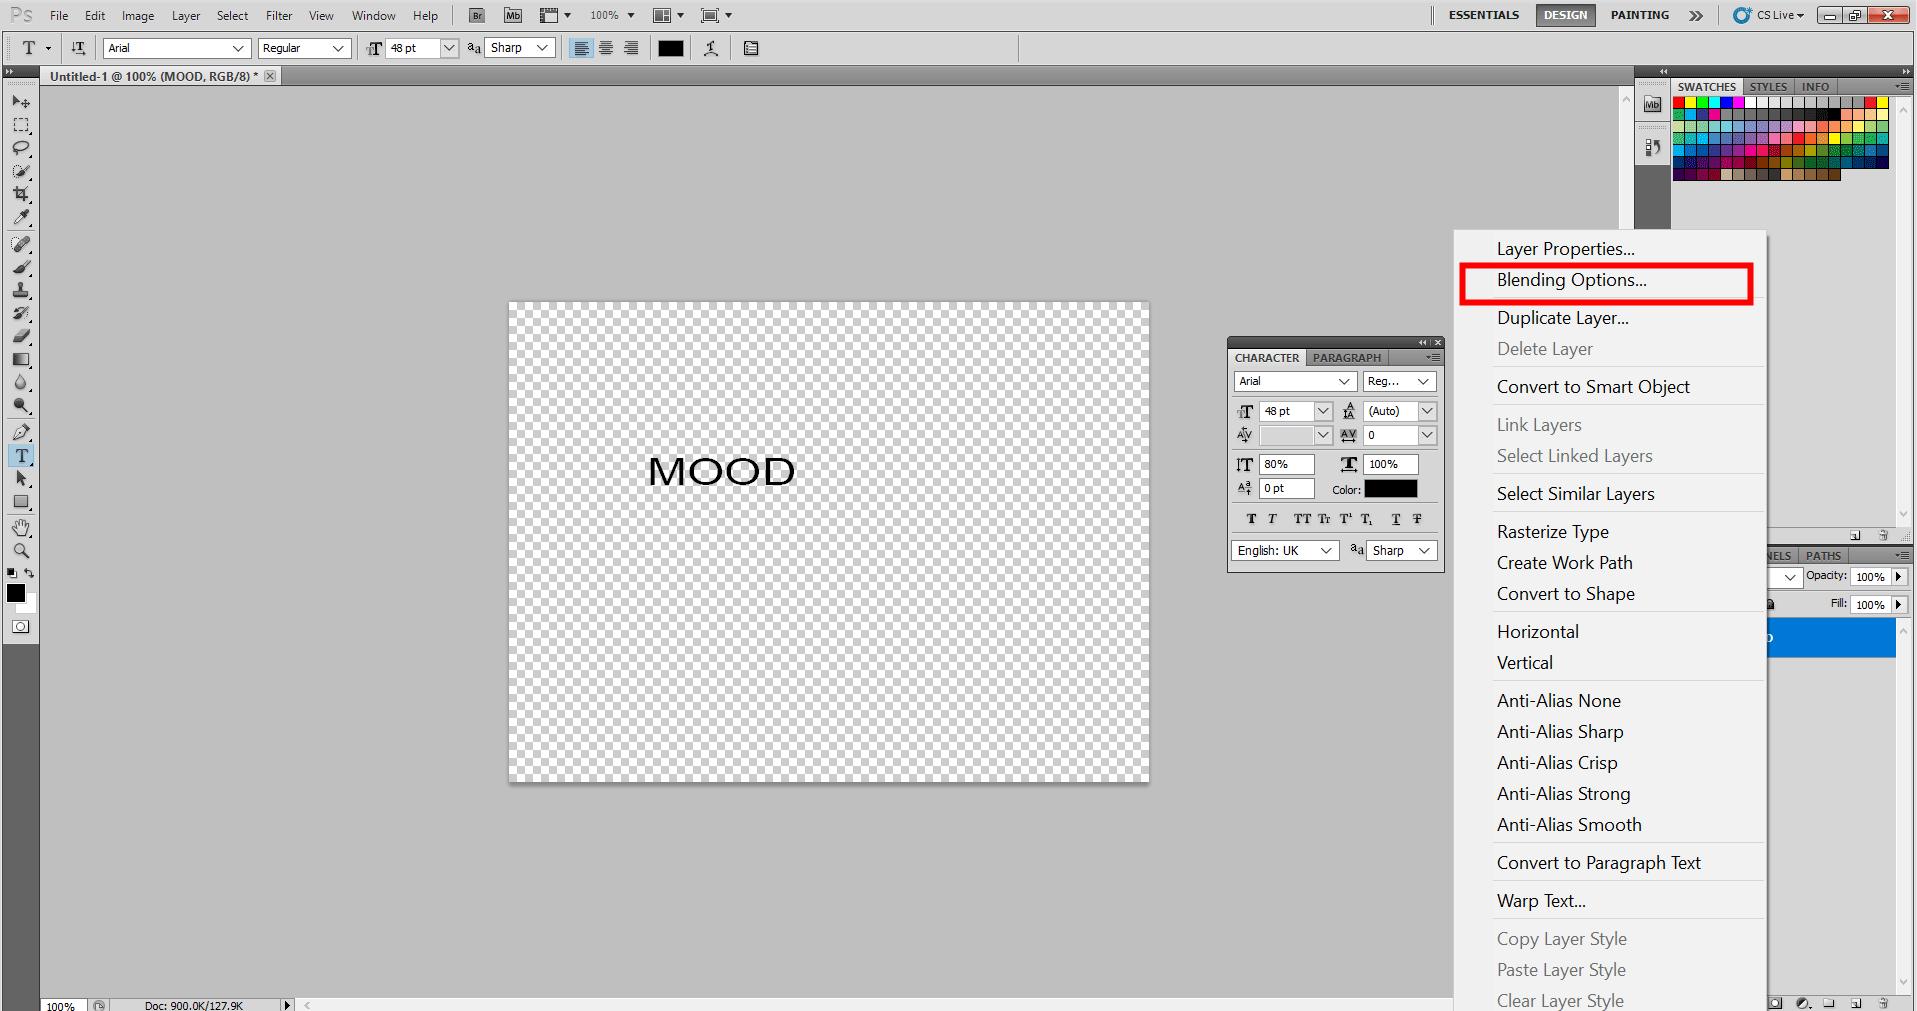 Adding Mood Sticker in Photoshop 7